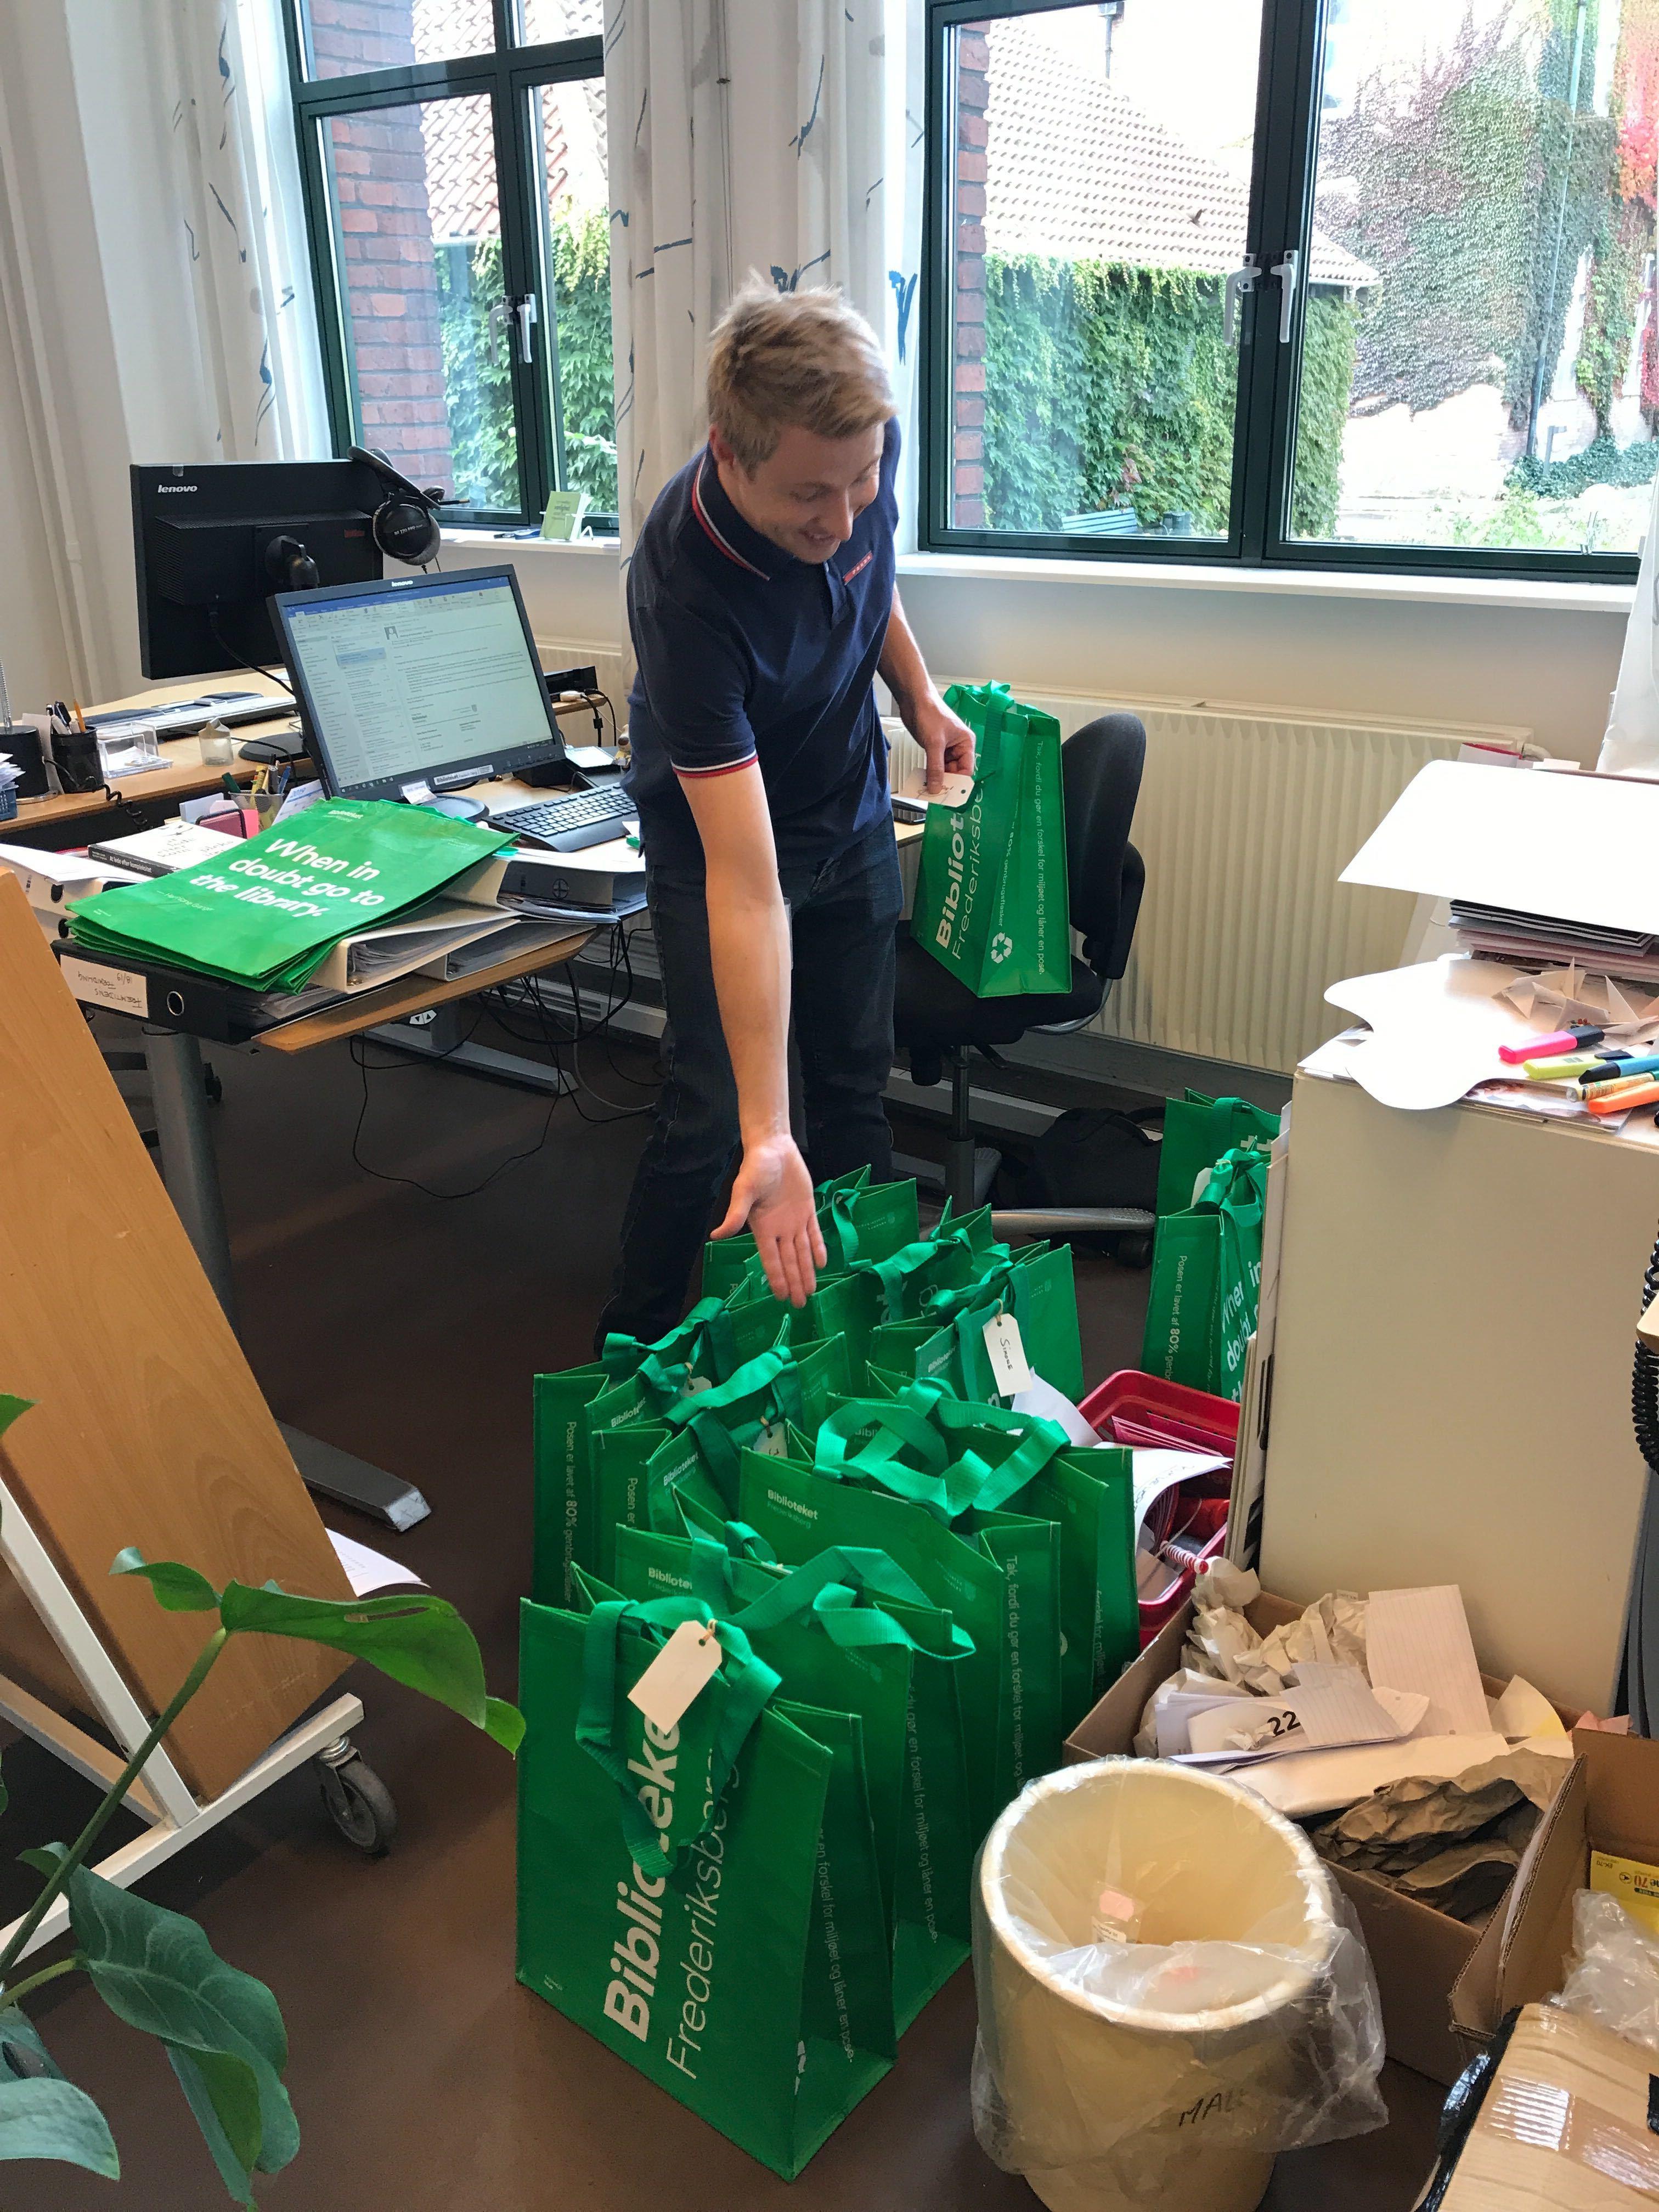 Bøgerne er klar i vores grønne muleposer